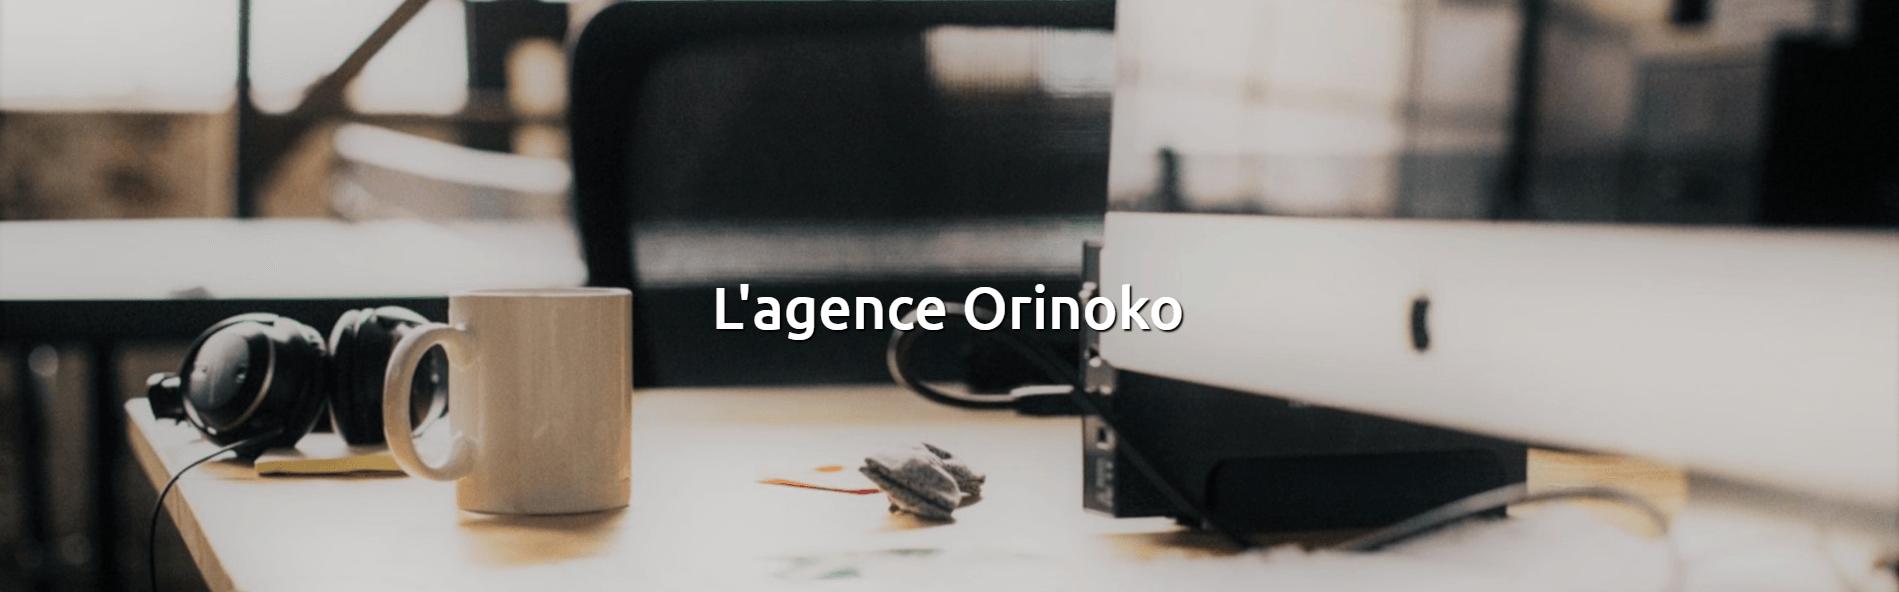 Agence Orinoko